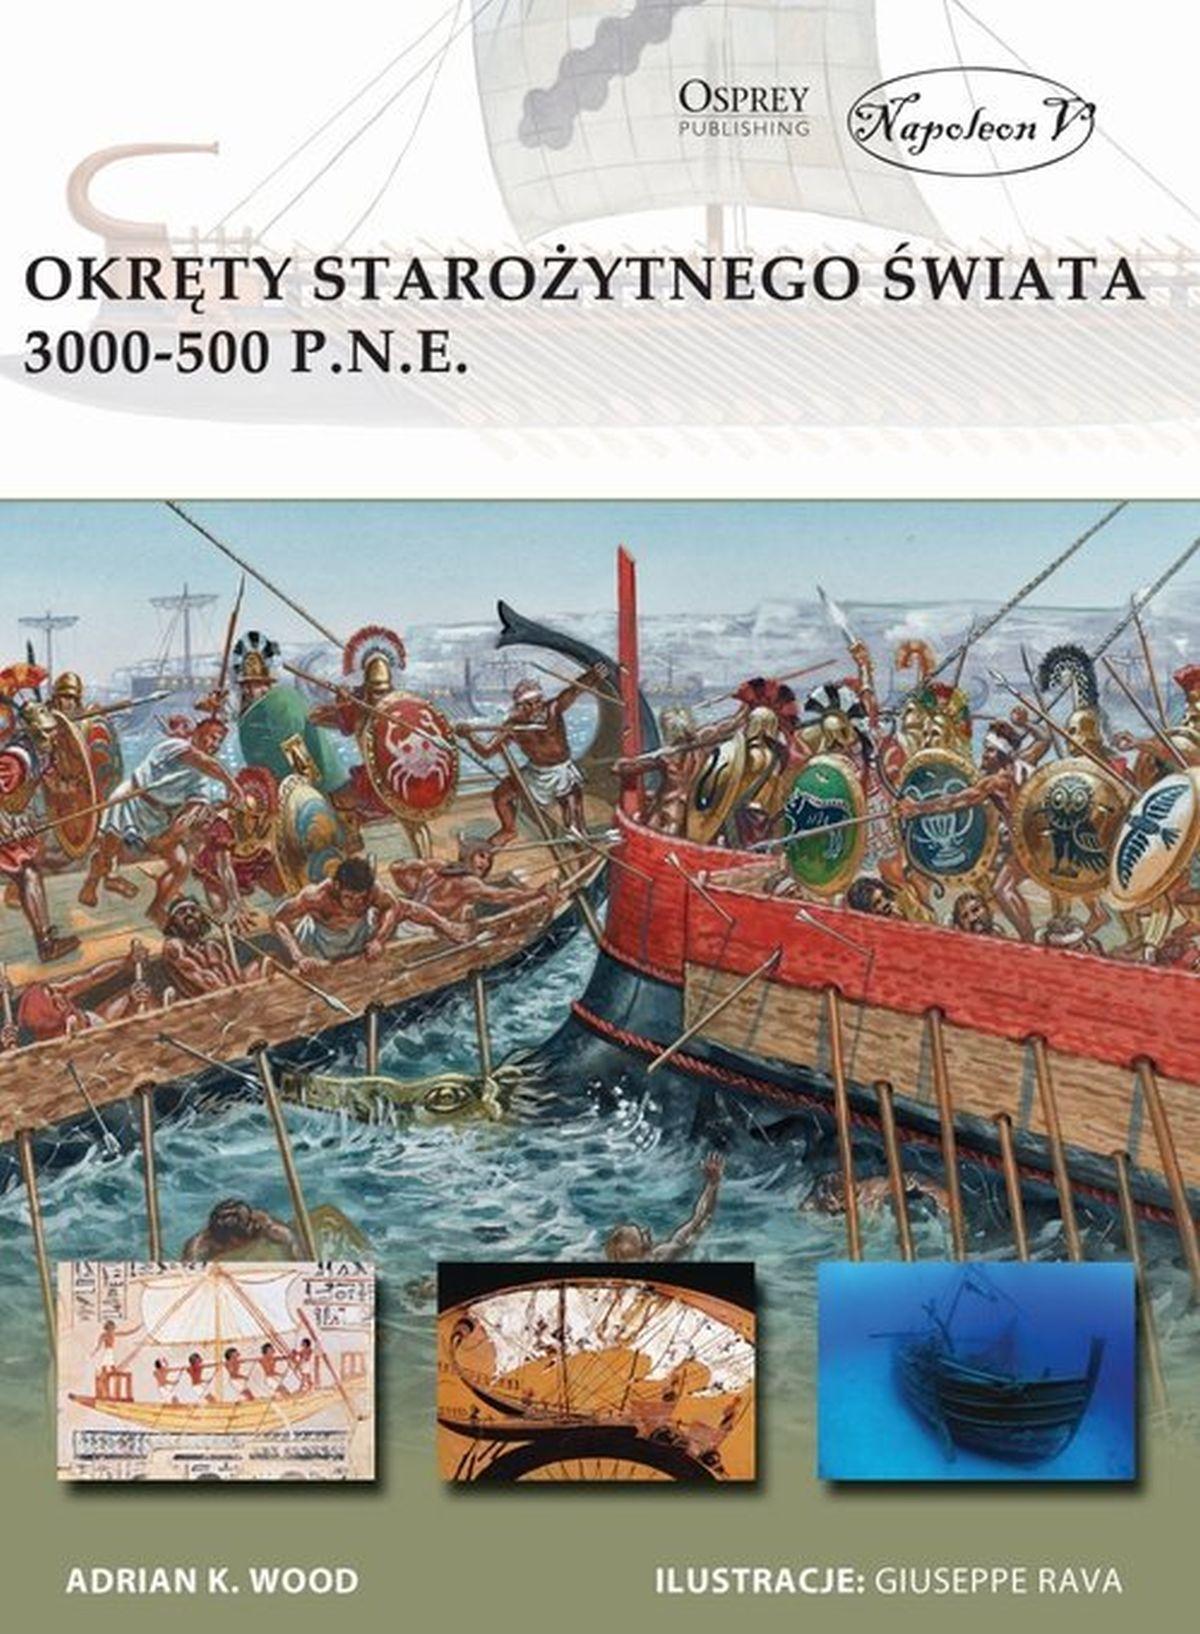 Adrian K. Wood, Okręty starożytnego świata 3000-500 p.n.e.